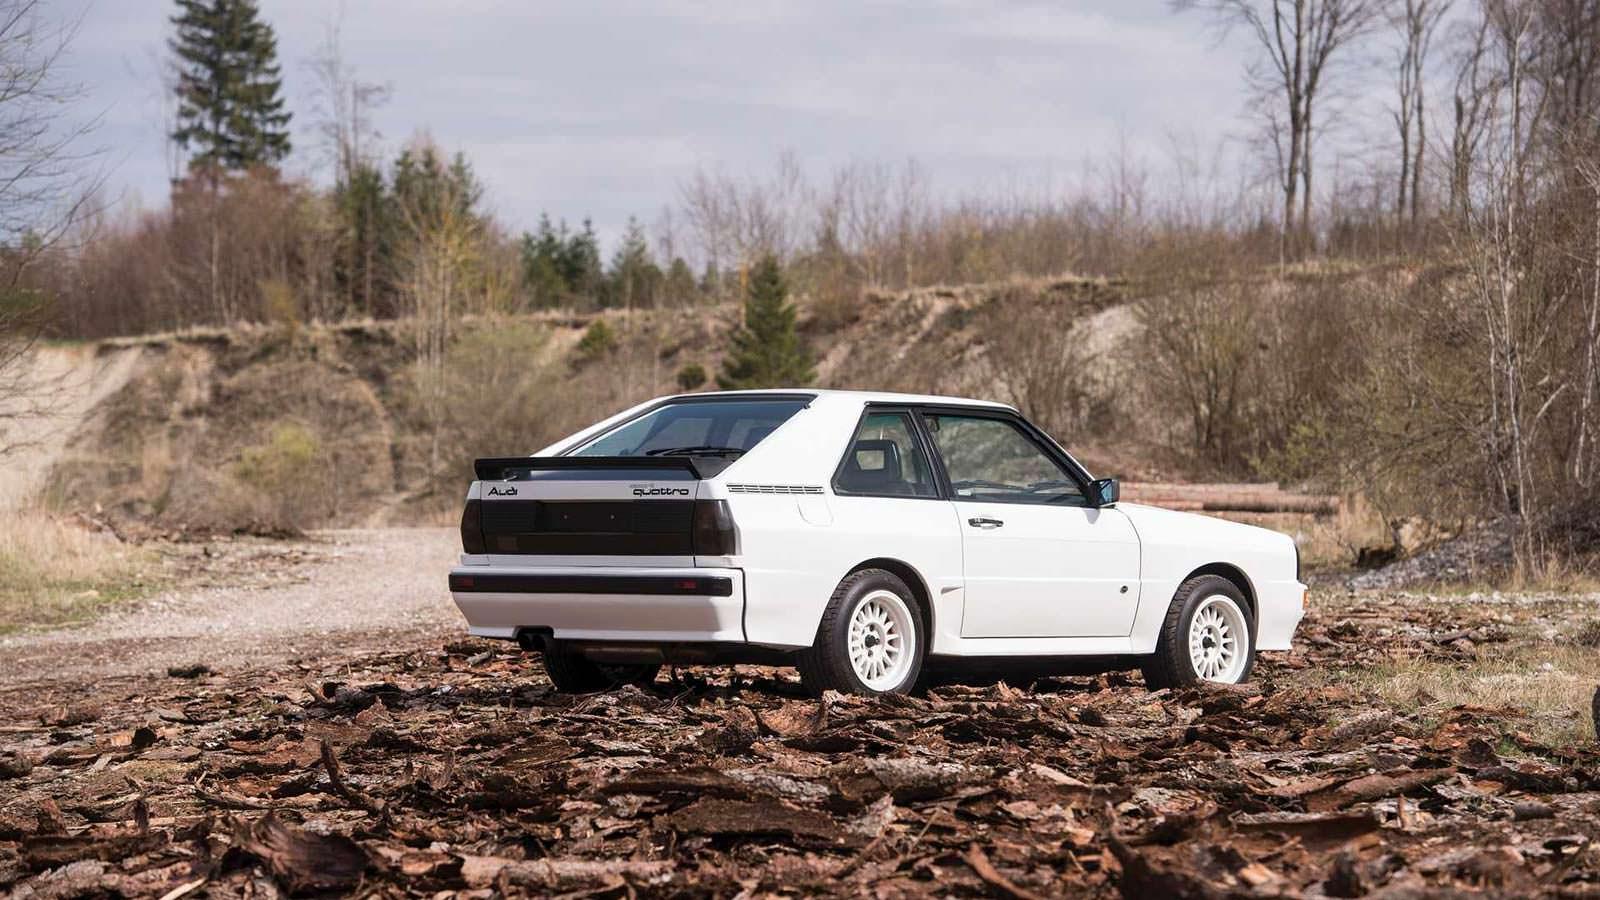 1984 Audi Sport Quattro с пробегом 90 500 км.